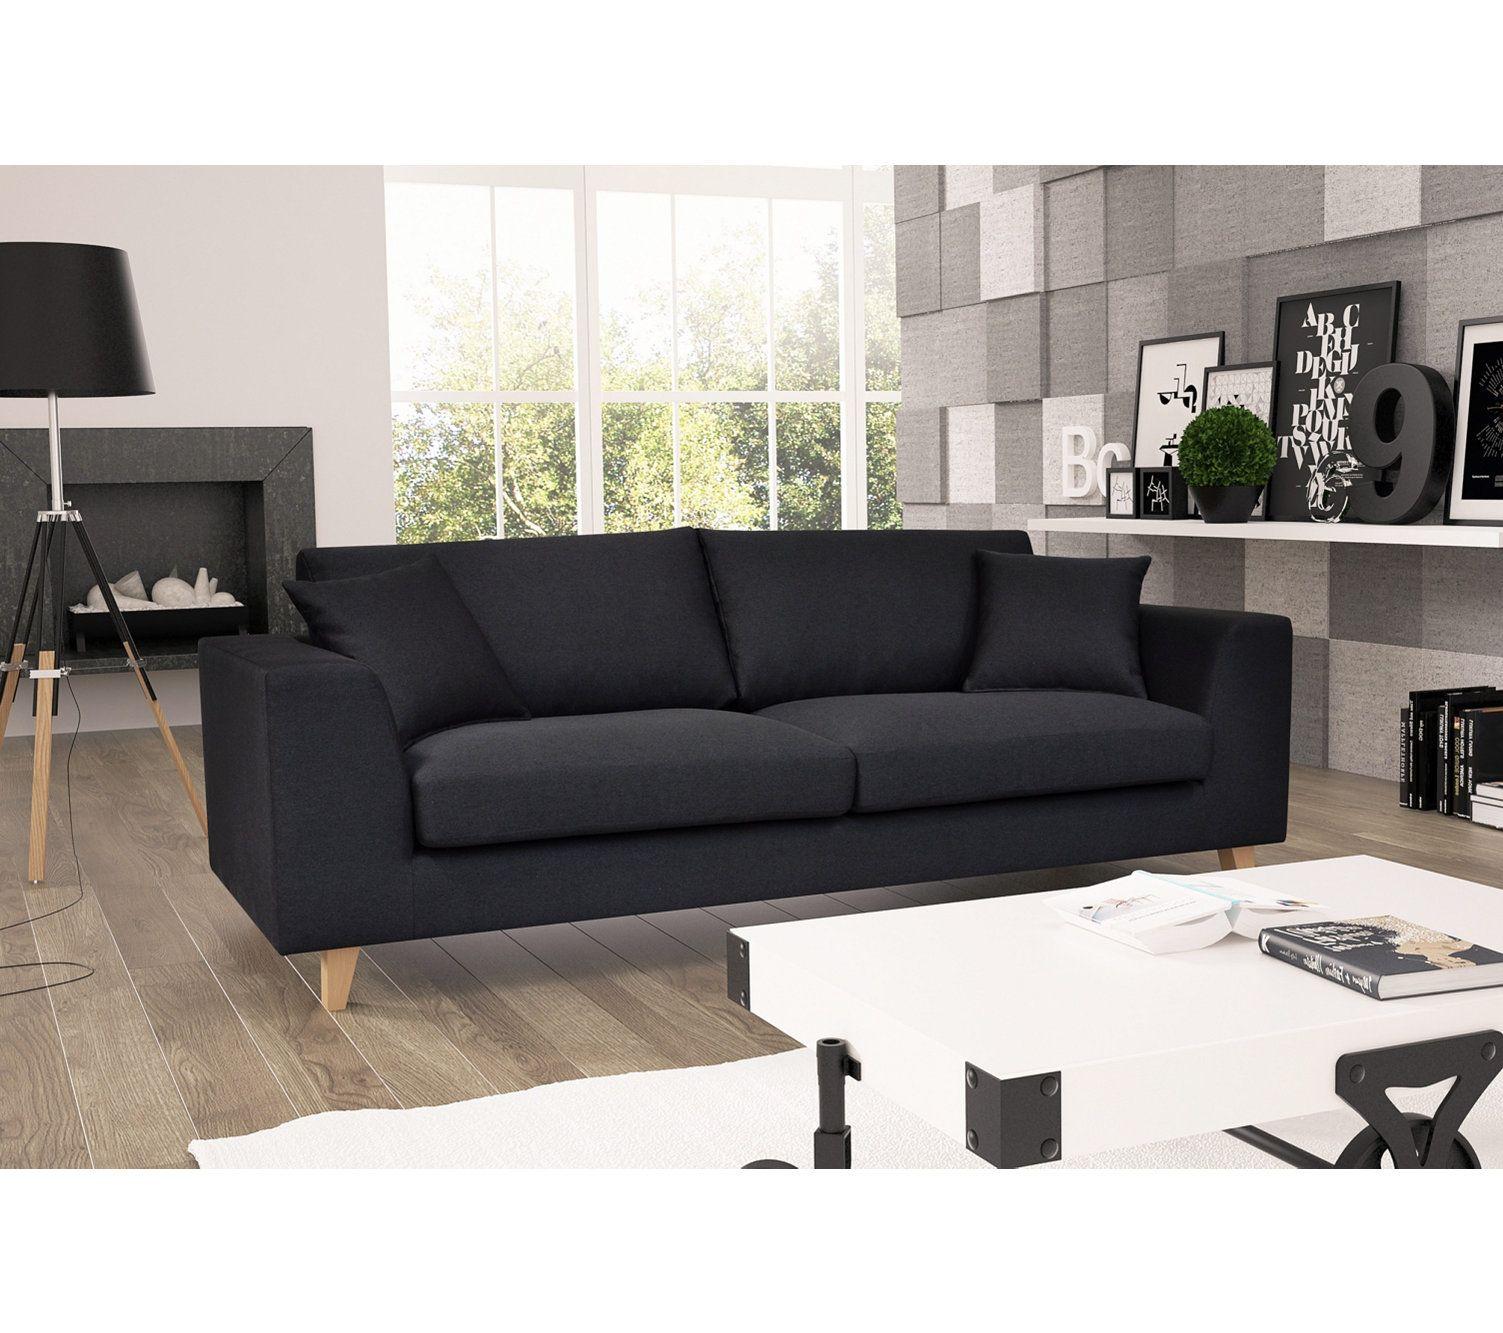 Canape 3 Places Bilbo Tissu Gris Anthracite Living Room Sofa Living Room Home